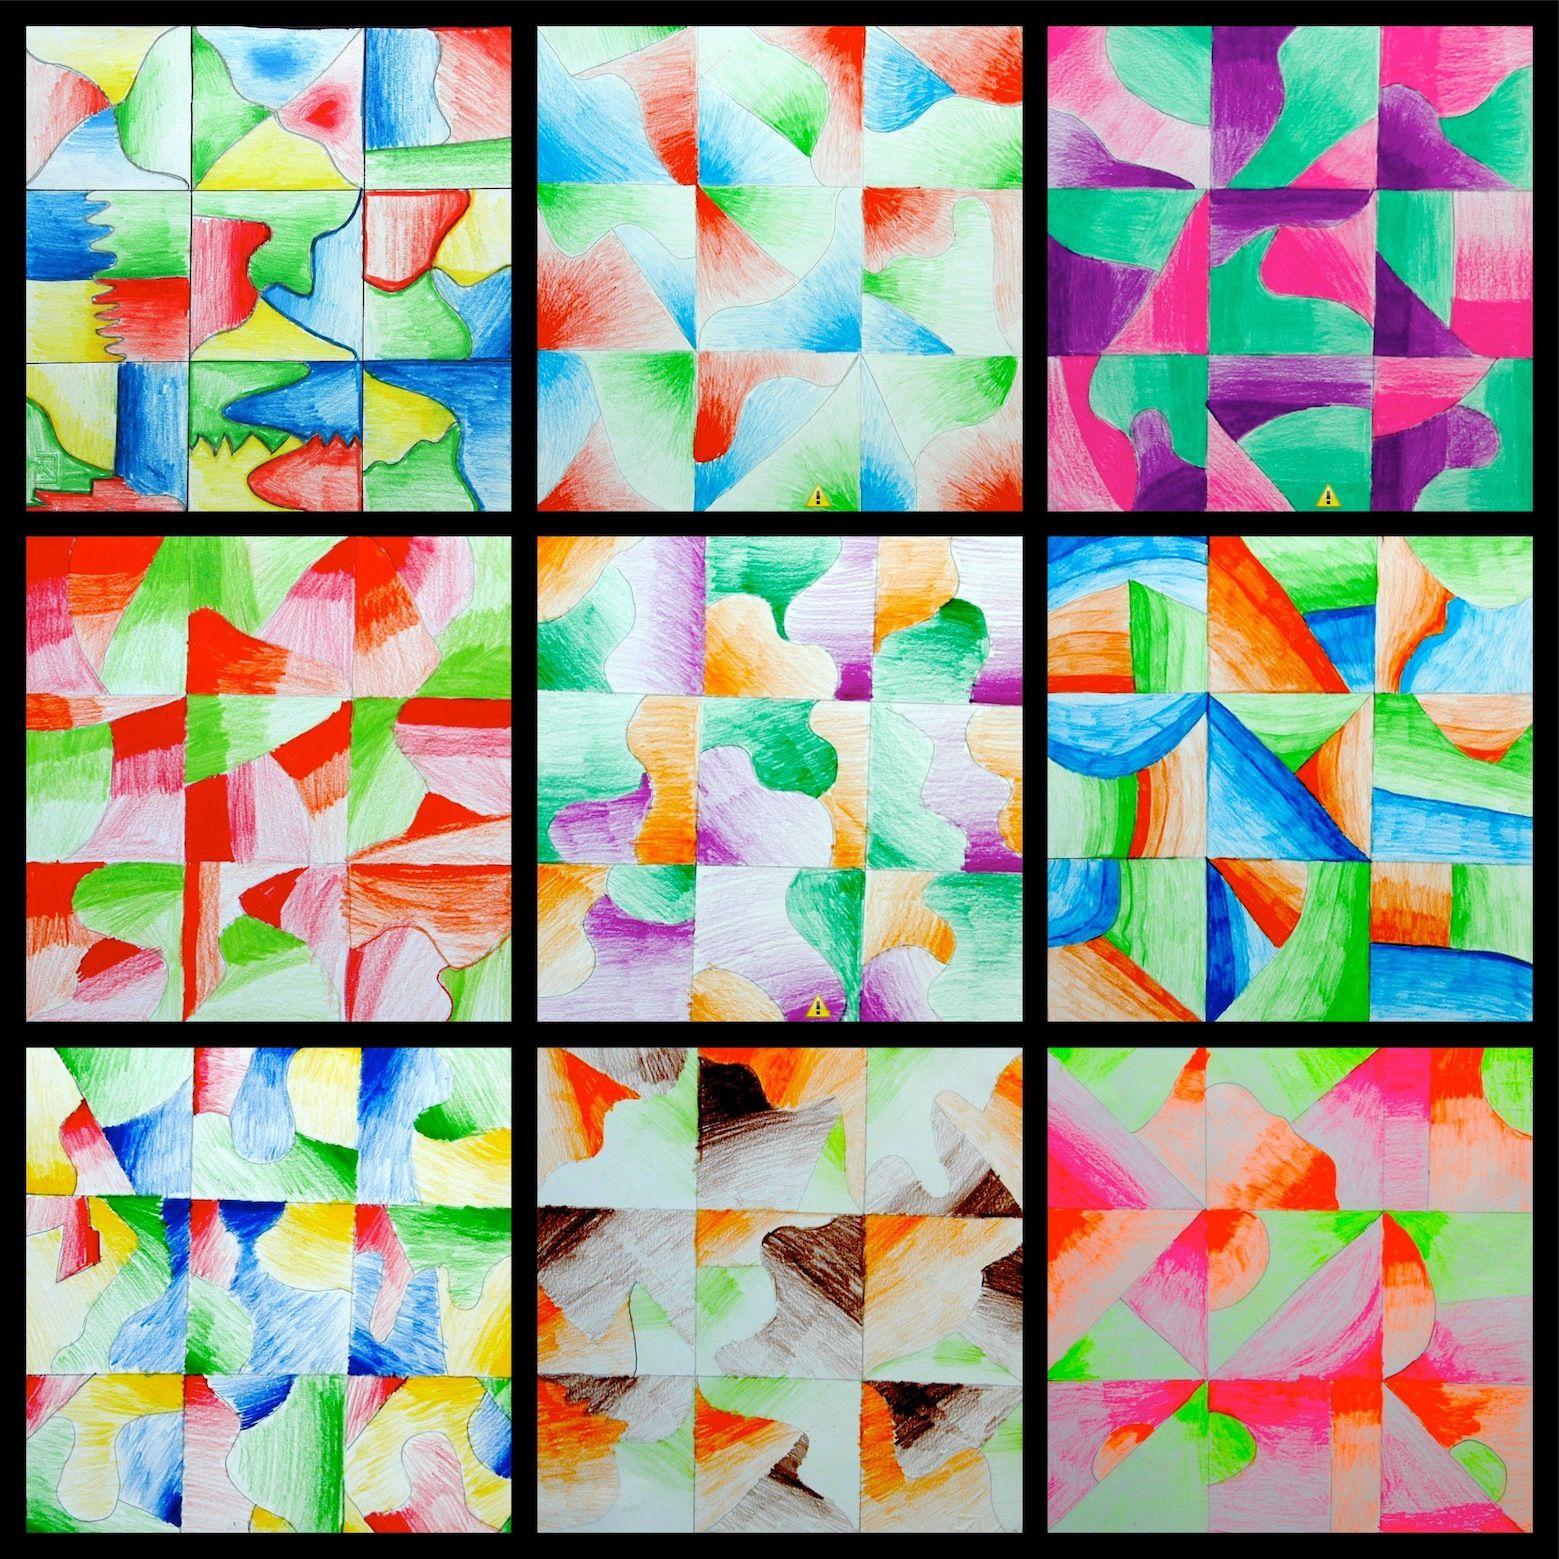 8Th Grade Art Lessons Images Mazken – 8Th Grade Art Lesson Plans